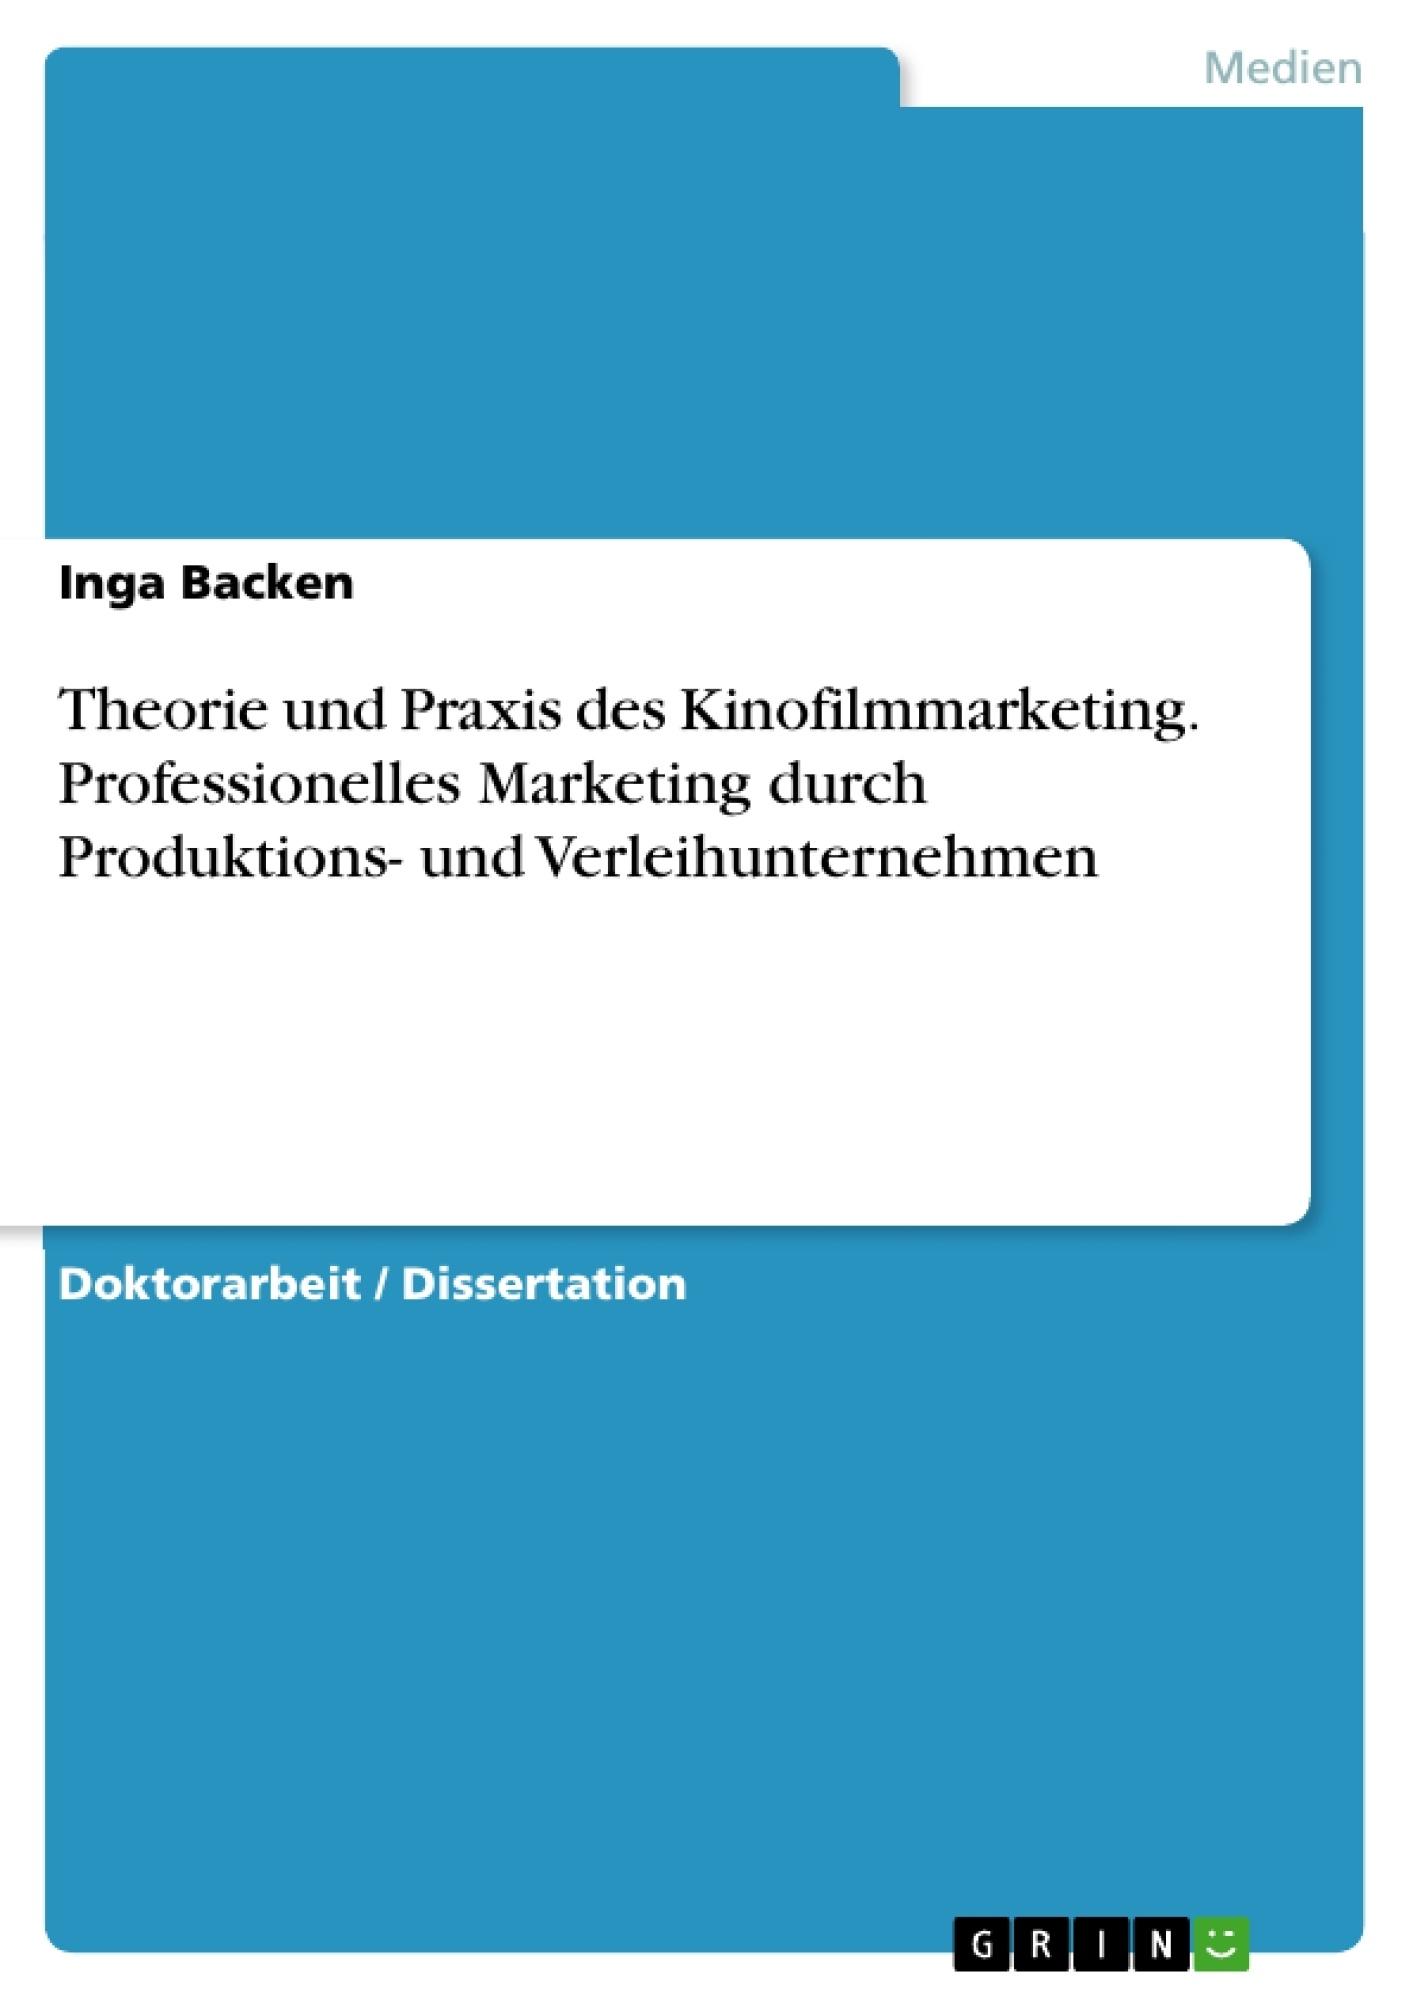 Titel: Theorie und Praxis des Kinofilmmarketing. Professionelles Marketing durch Produktions- und Verleihunternehmen